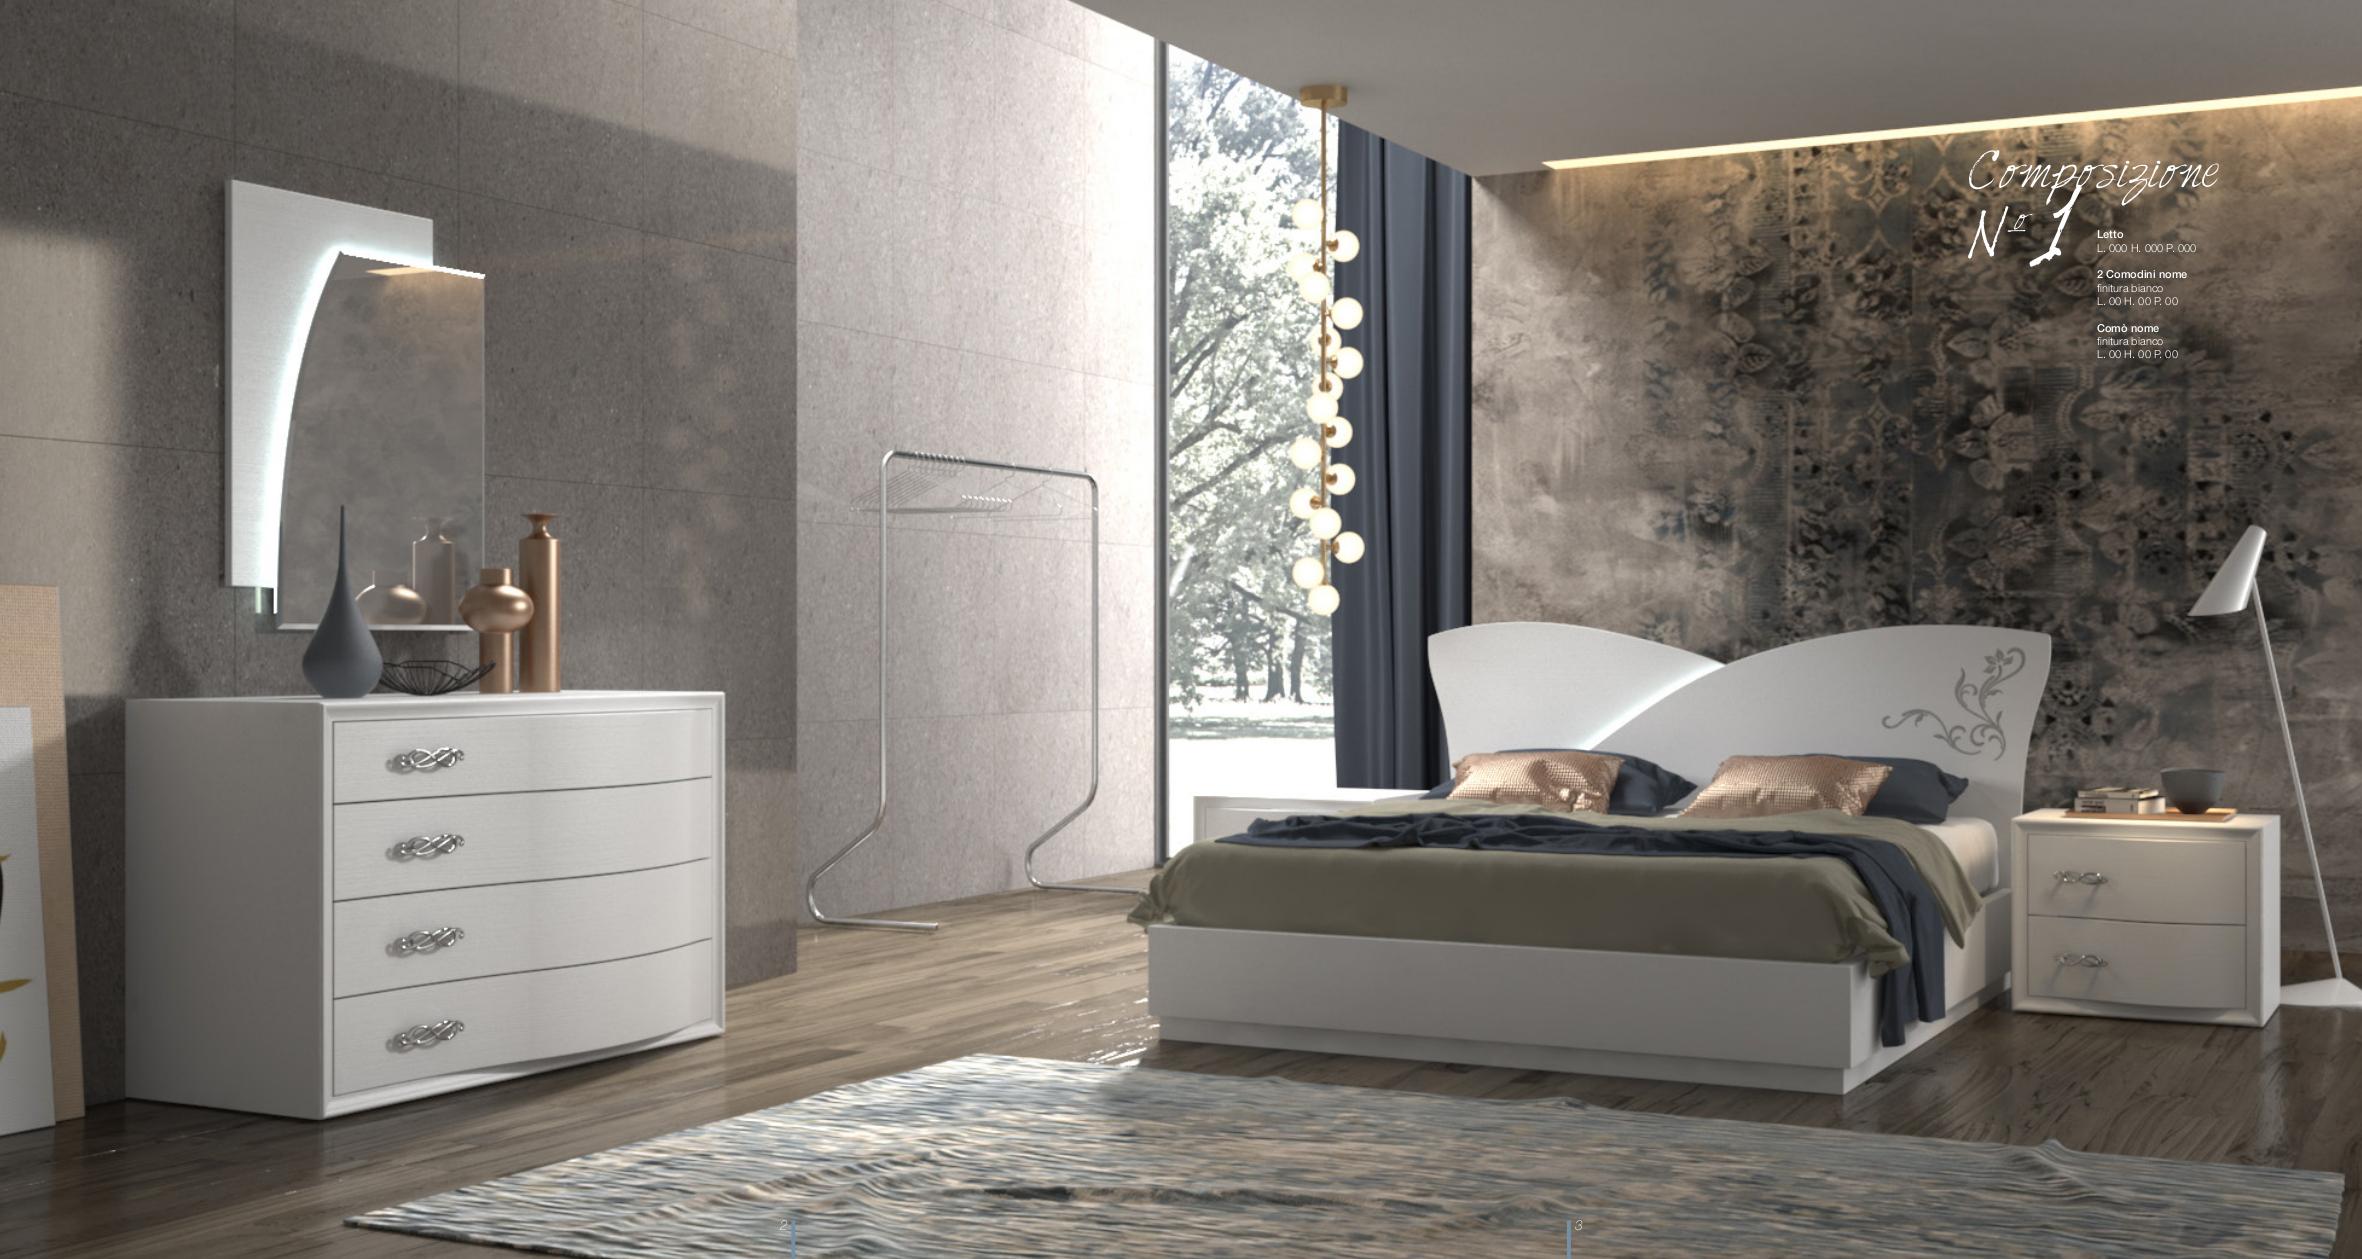 Camera da letto moderna contemporanea sicilia catania for Mobili stanza letto